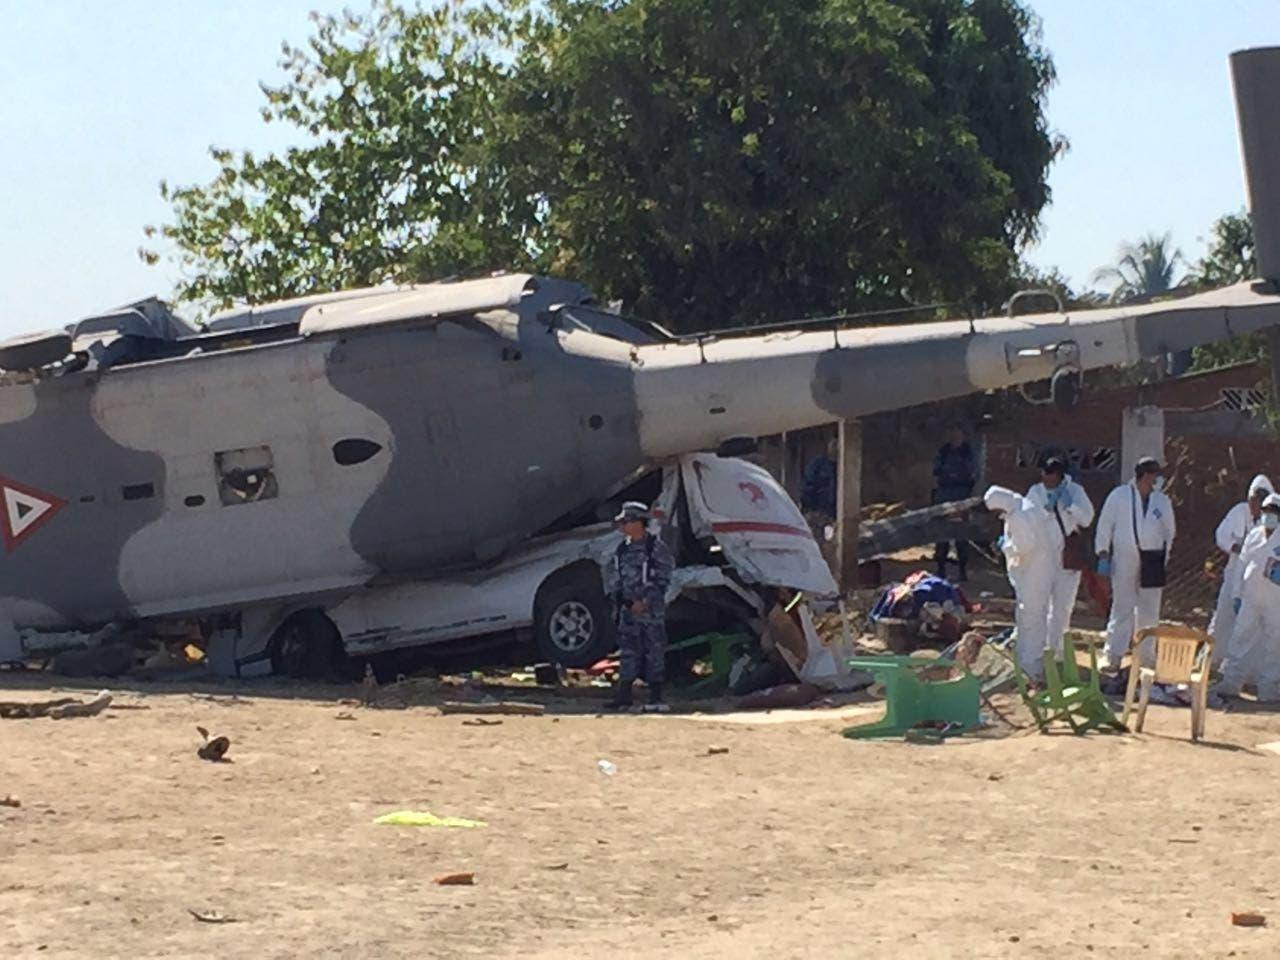 Terremoto en México - 16 de febrero: ¿Dónde fue? ¿Cuántos muertos?